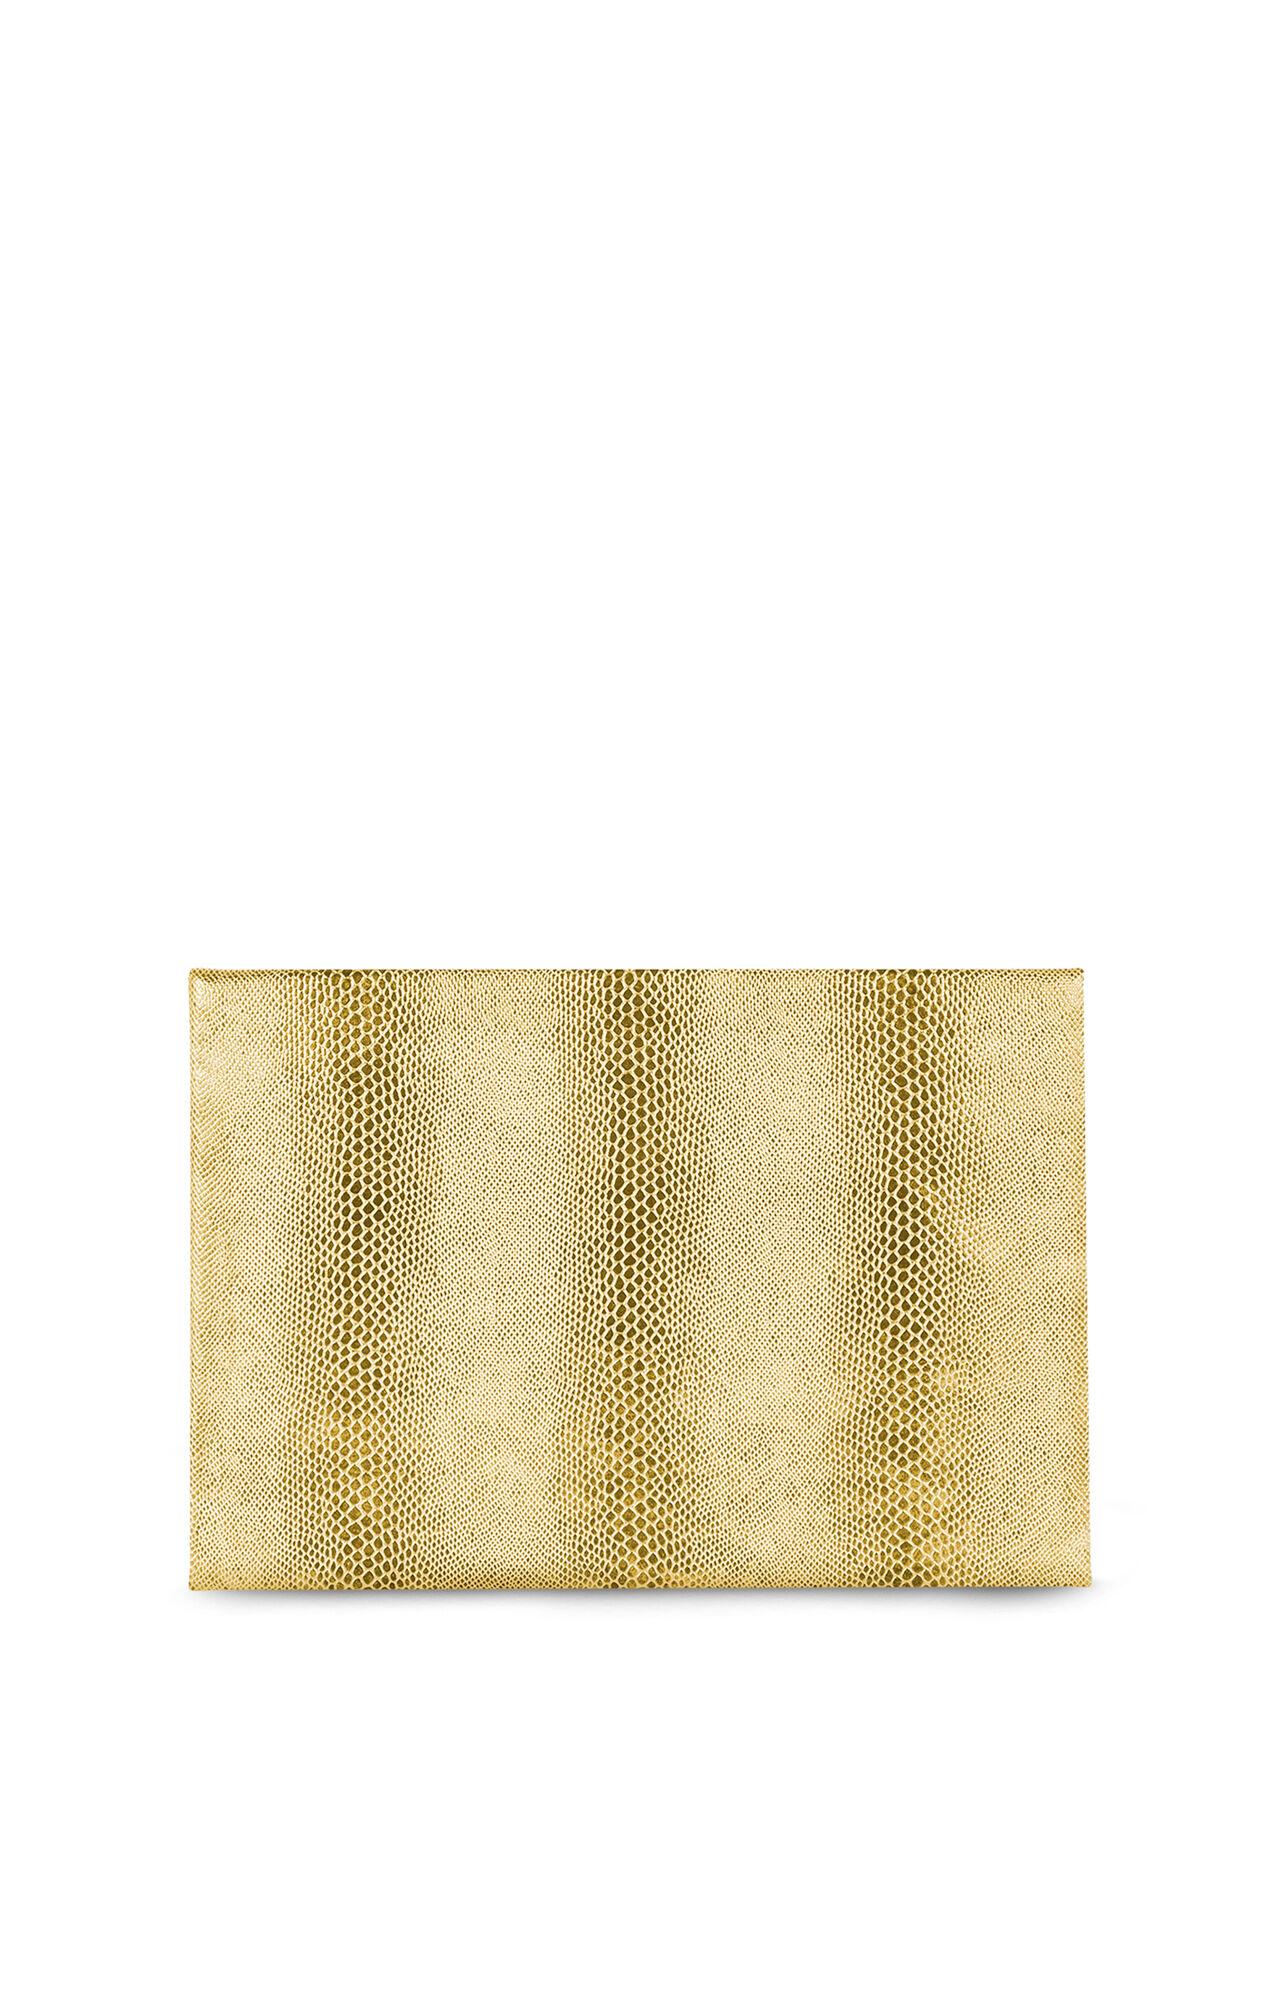 Harlow Embossed Envelope Clutch